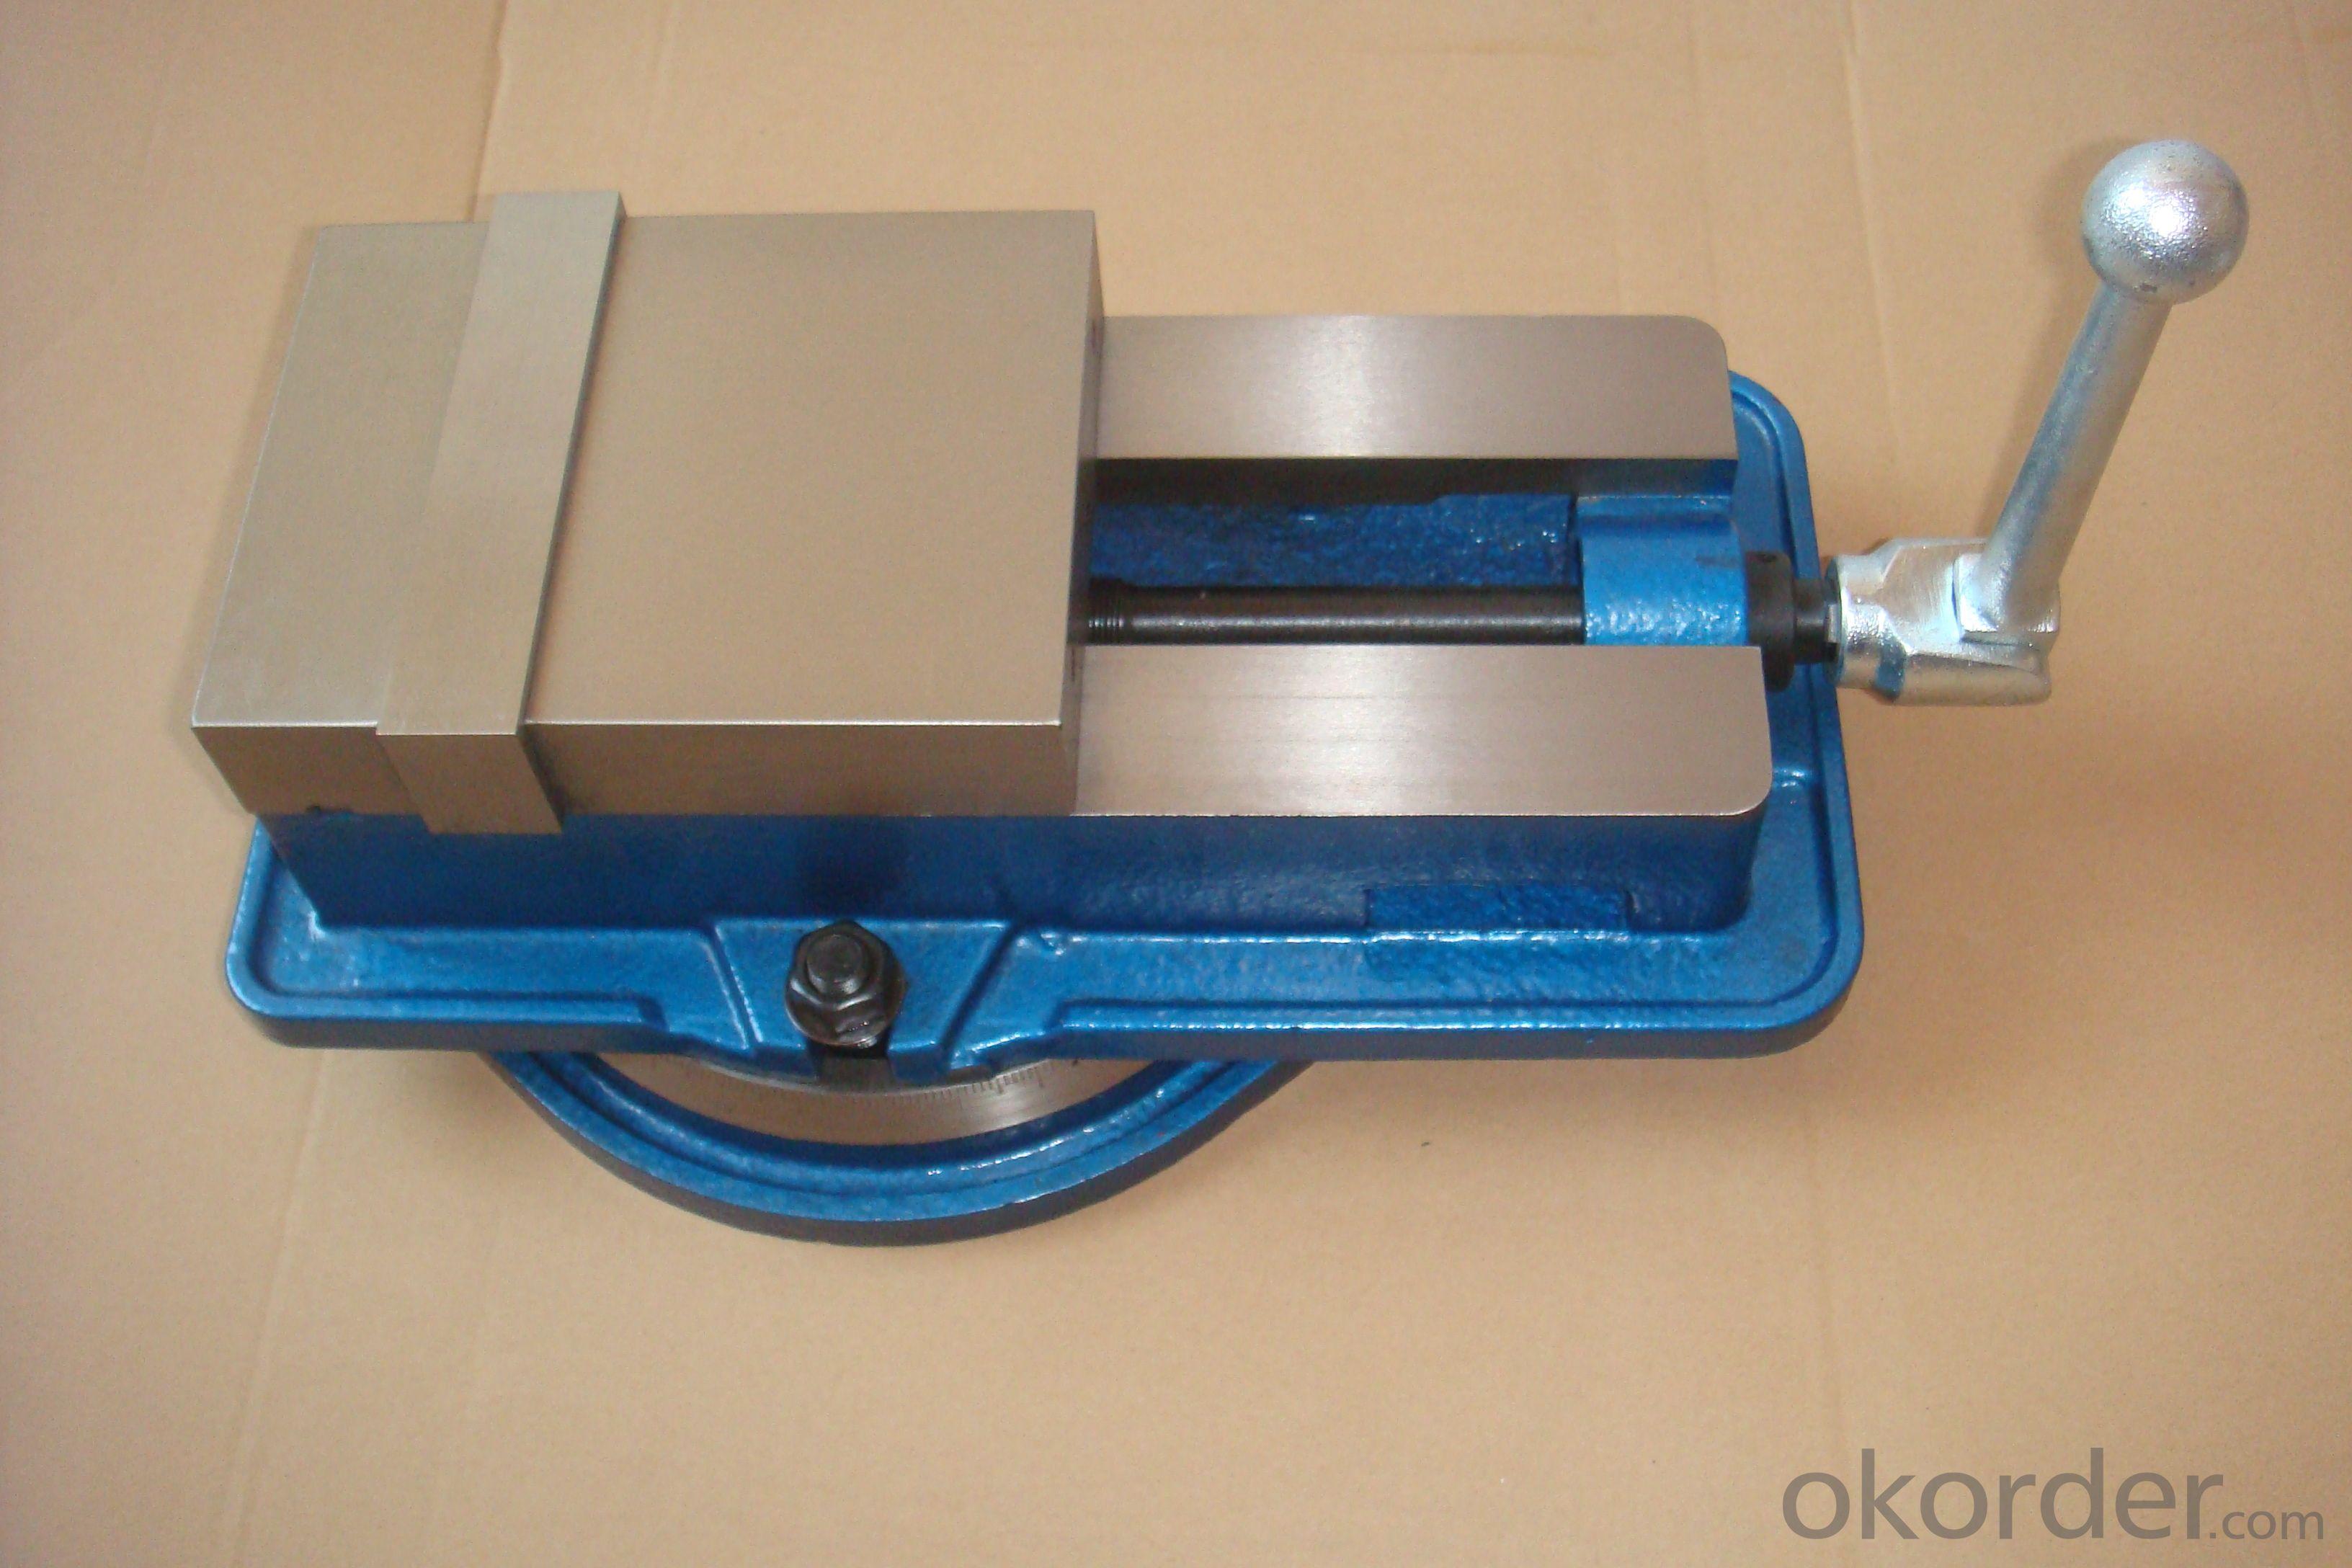 QM16100 ACCU-LOCK MACHINE VICE